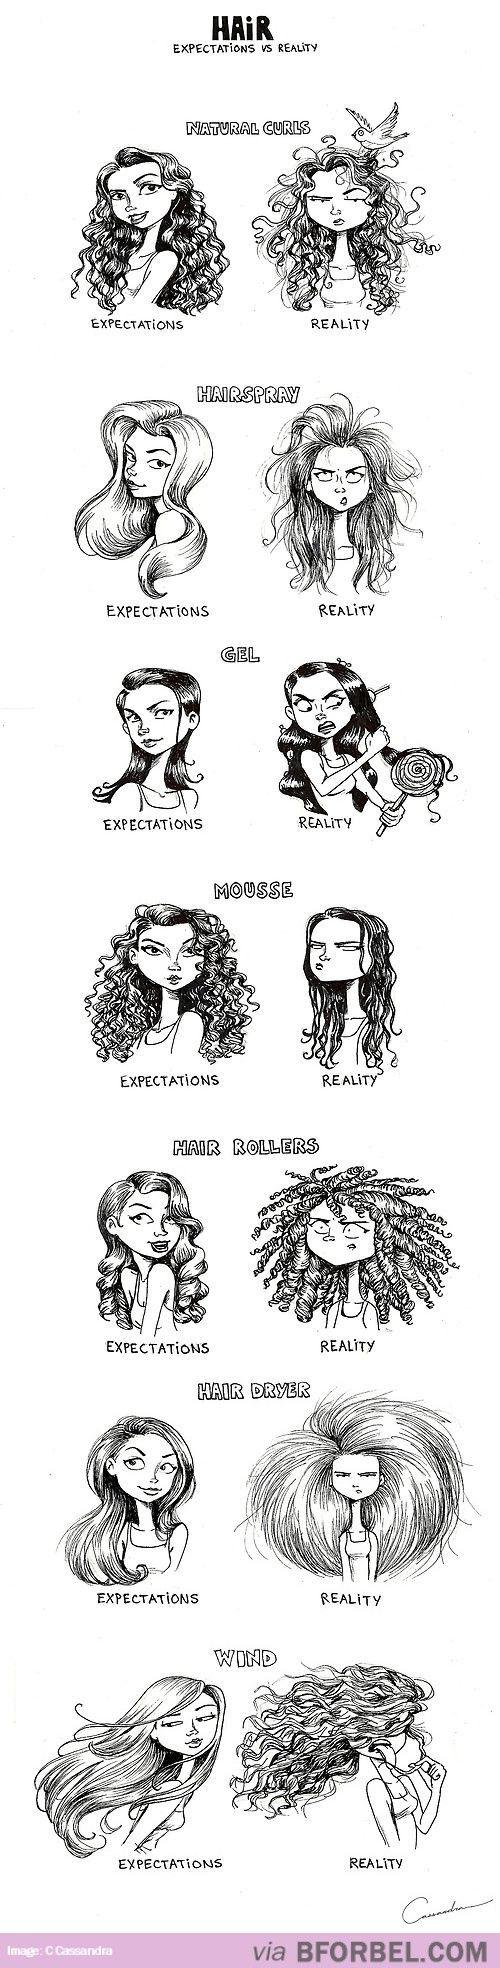 7 Hair Expectations Vs Reality Scenarios…